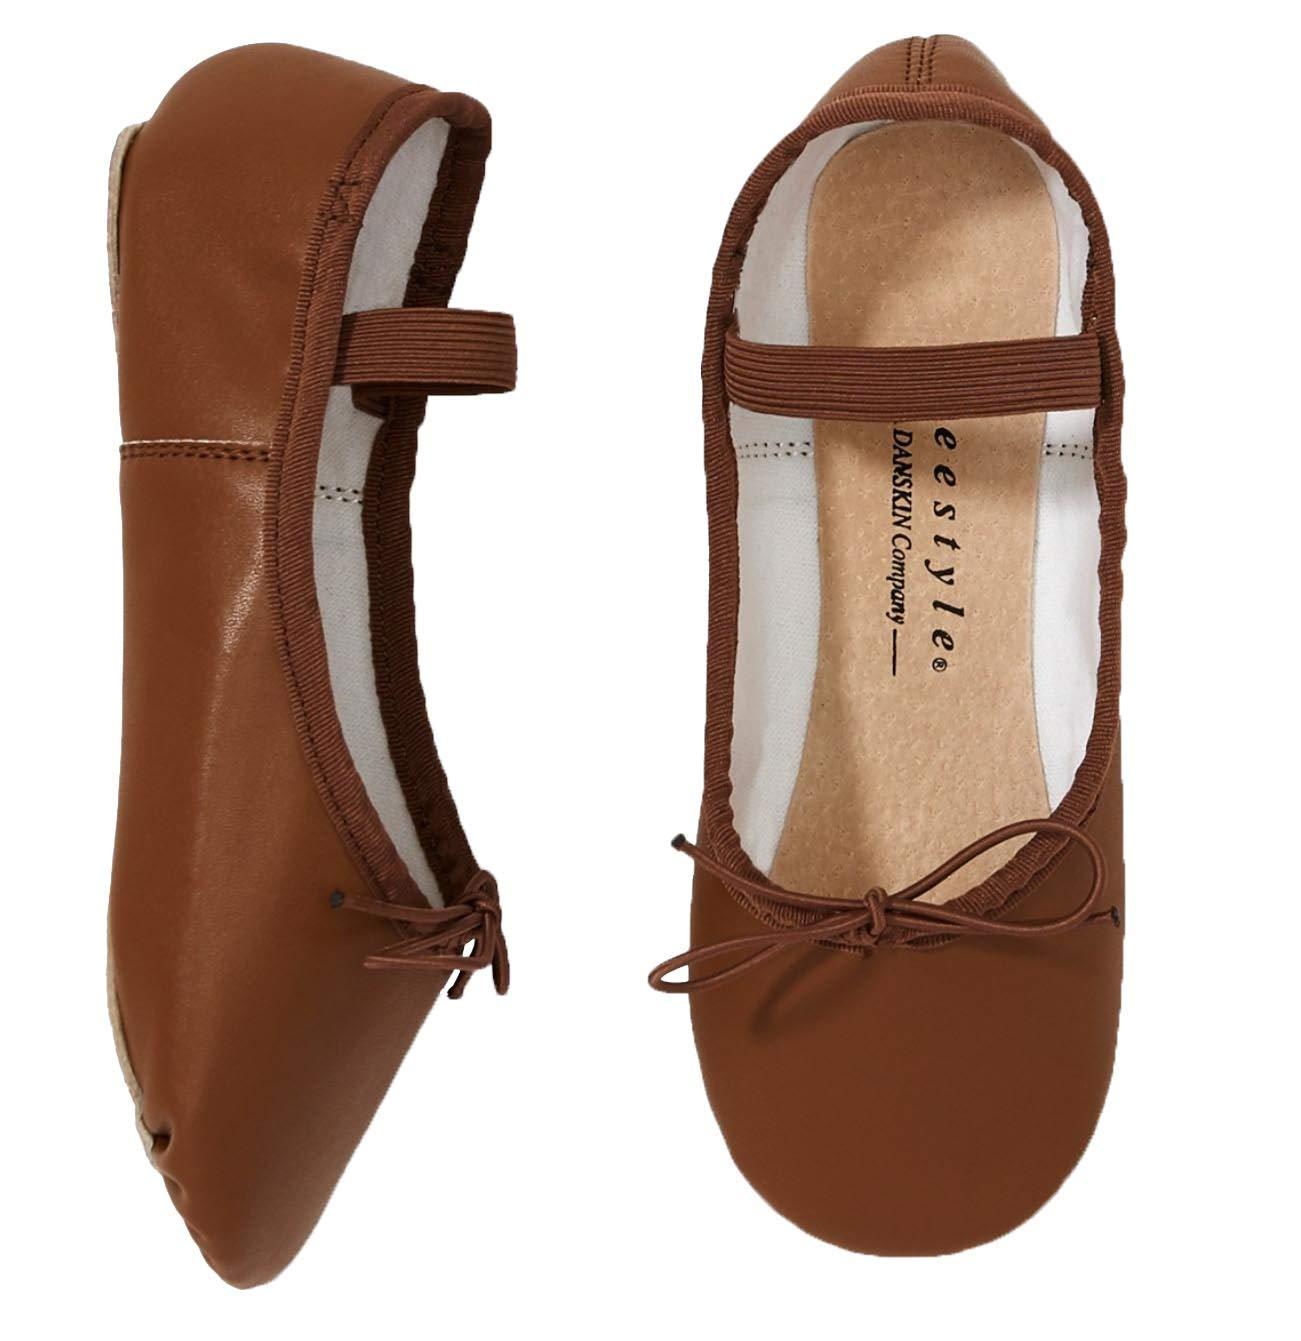 Danskin Girls' Ballet Slippers- (Brown